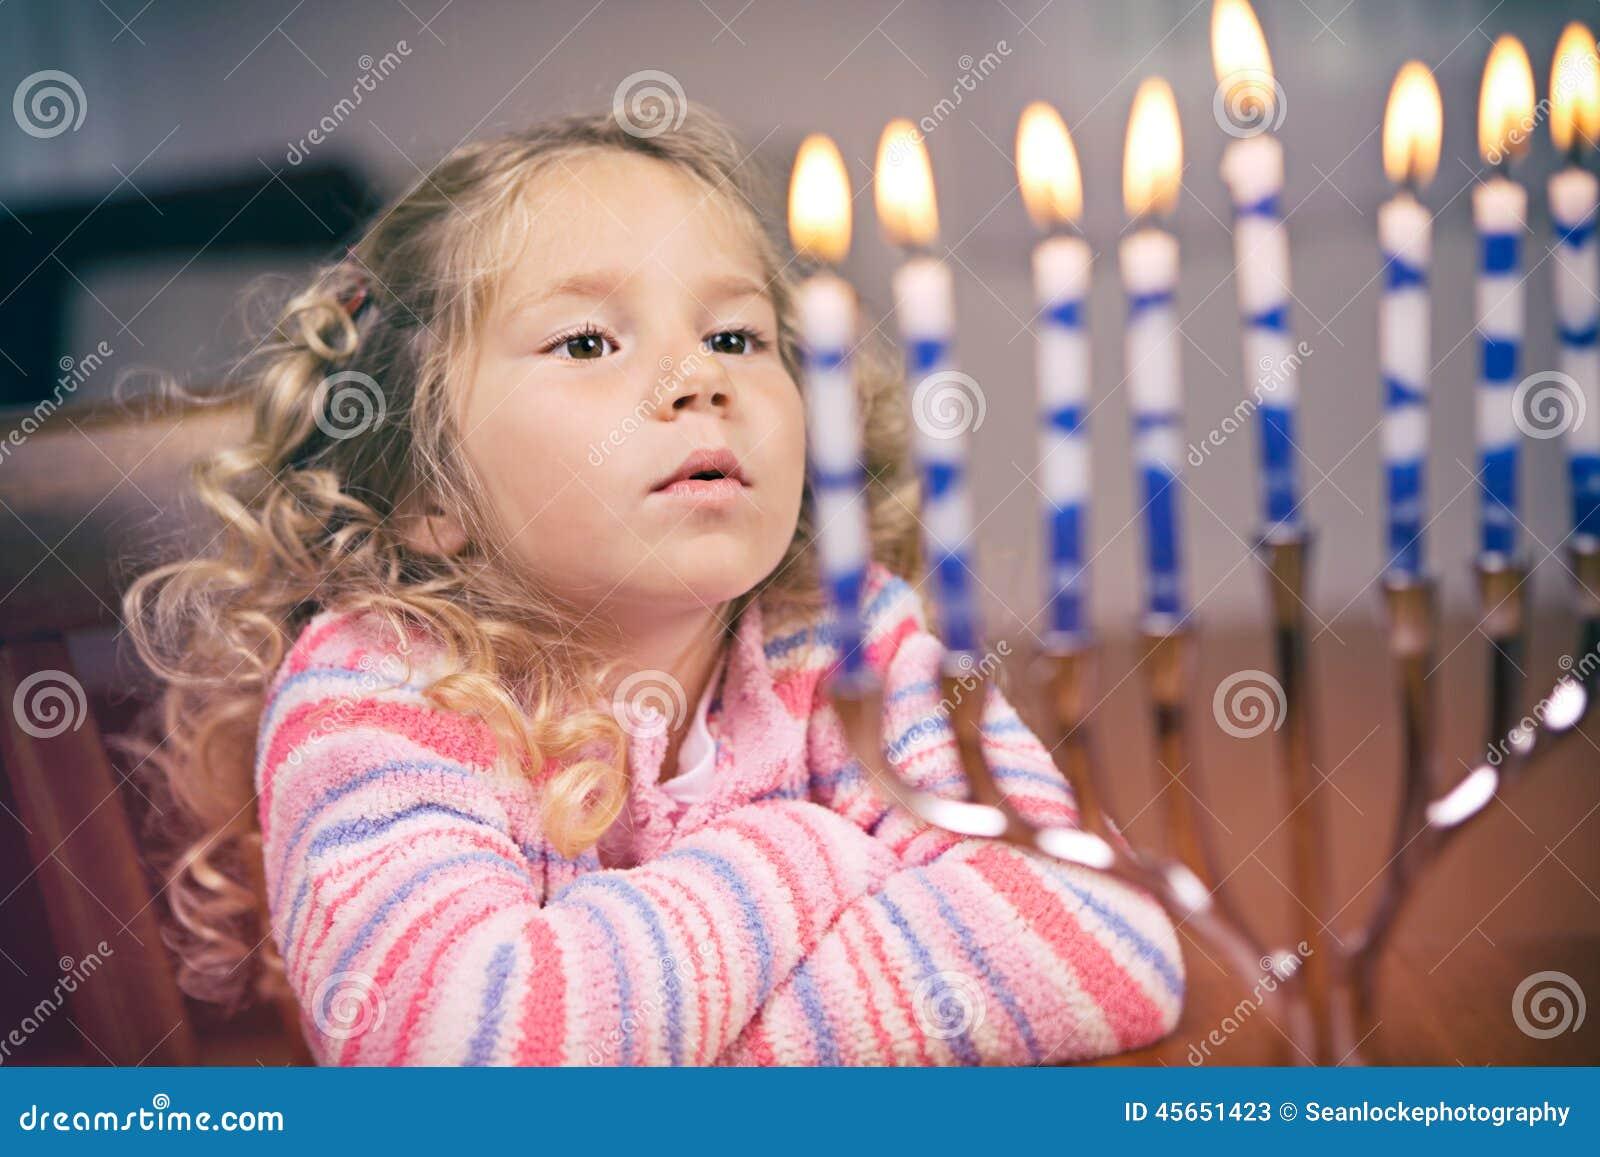 Jánuca: La niña mira las velas de Jánuca del Lit